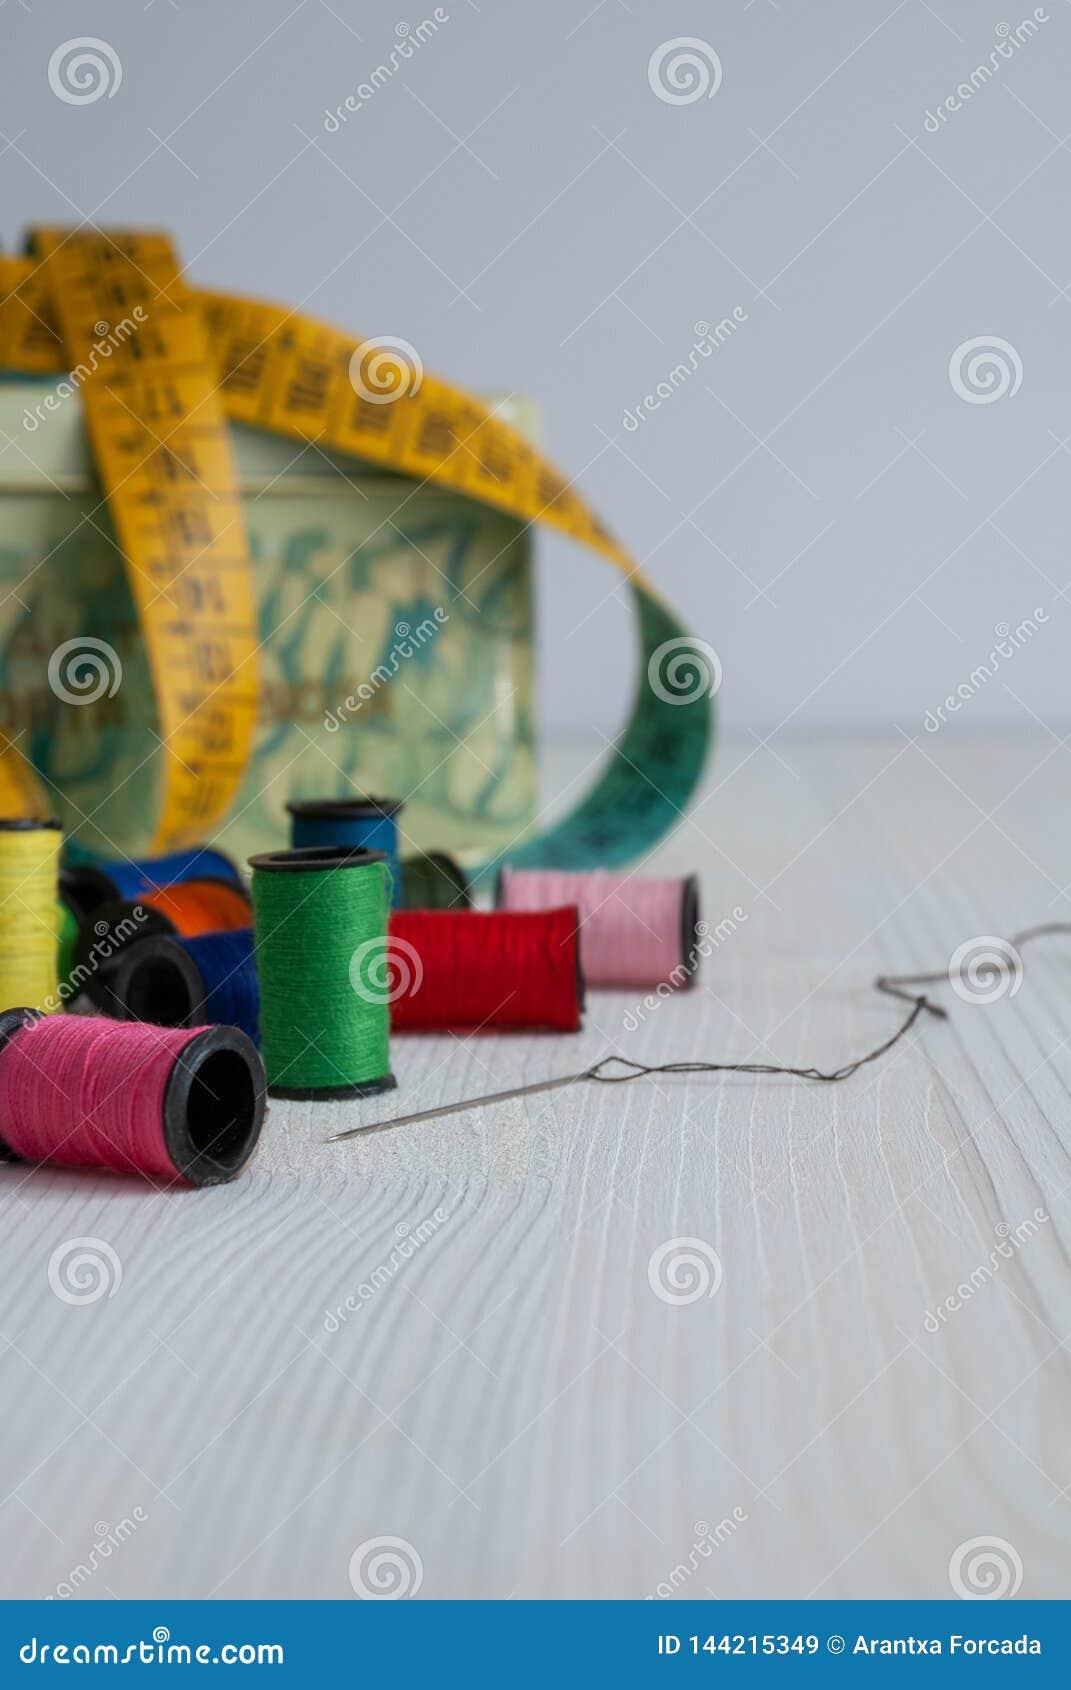 Costurando objetos, linhas, agulha e fita métrica